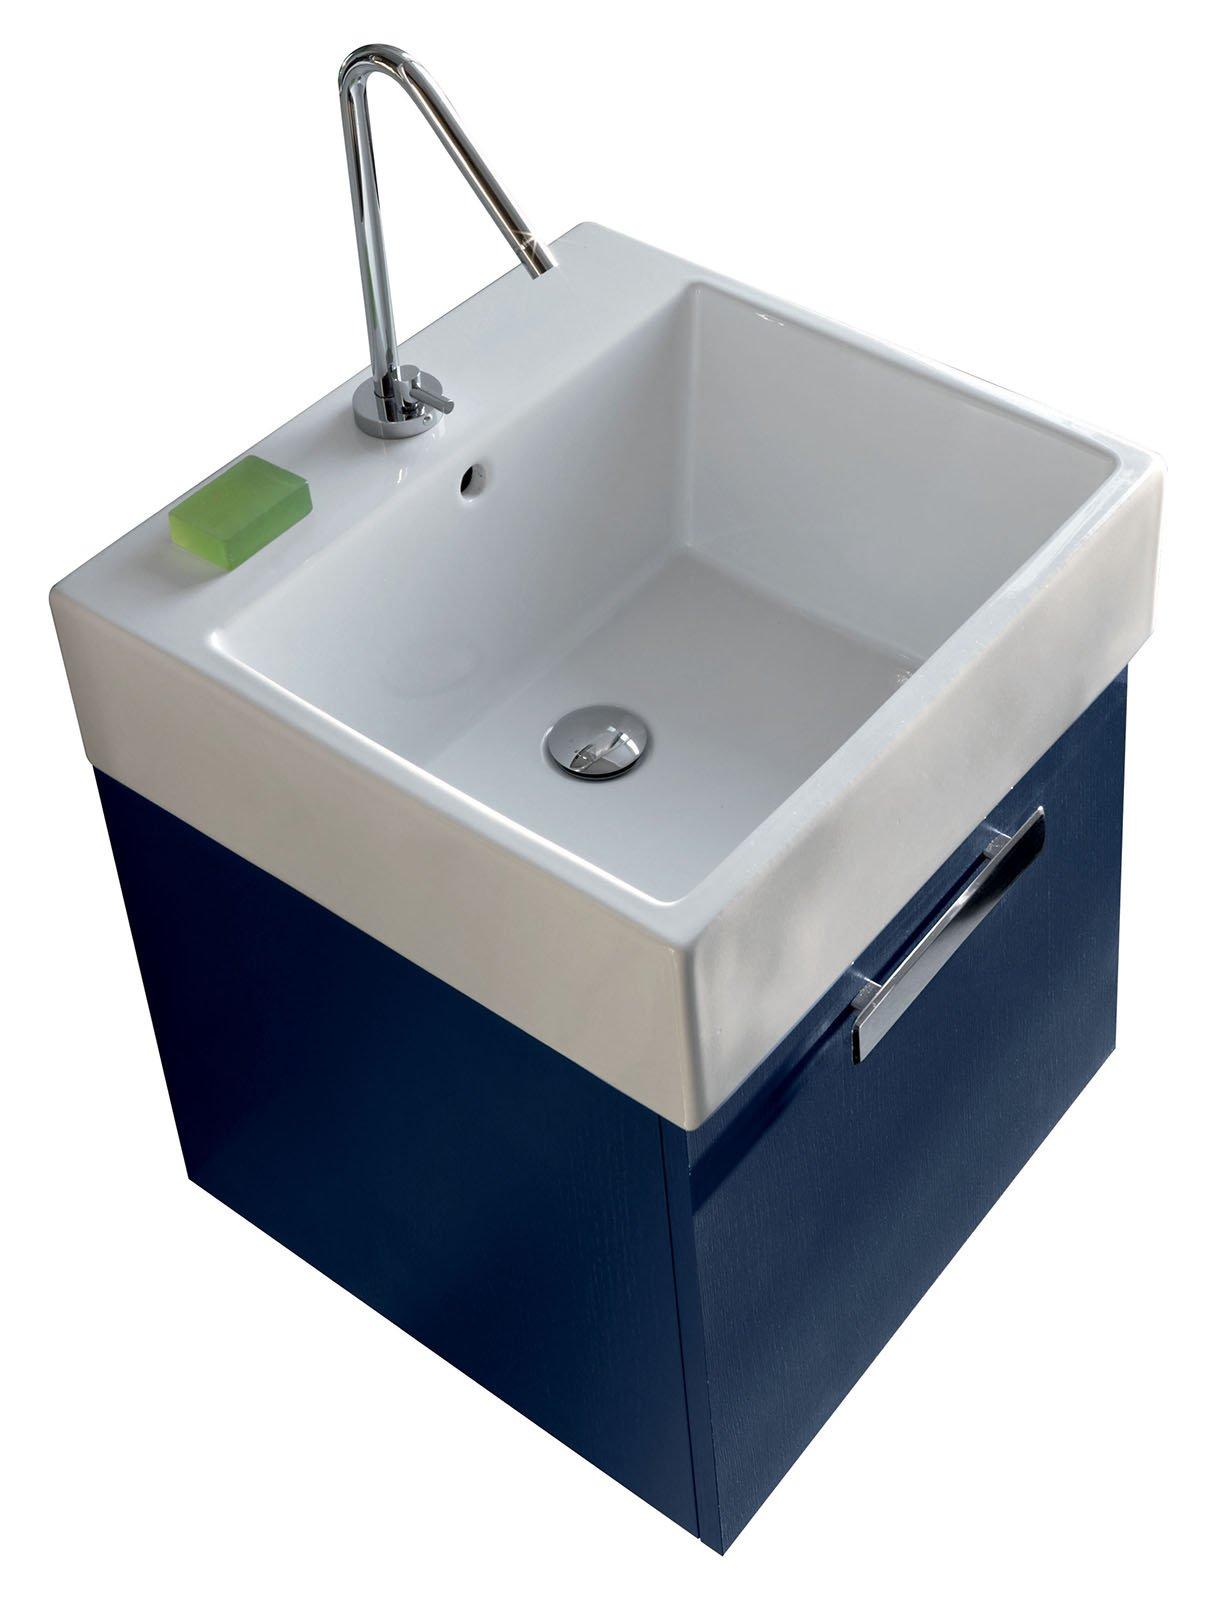 Lavandino Bagno Piccolo : Misure lavandino bagno piccolo ...